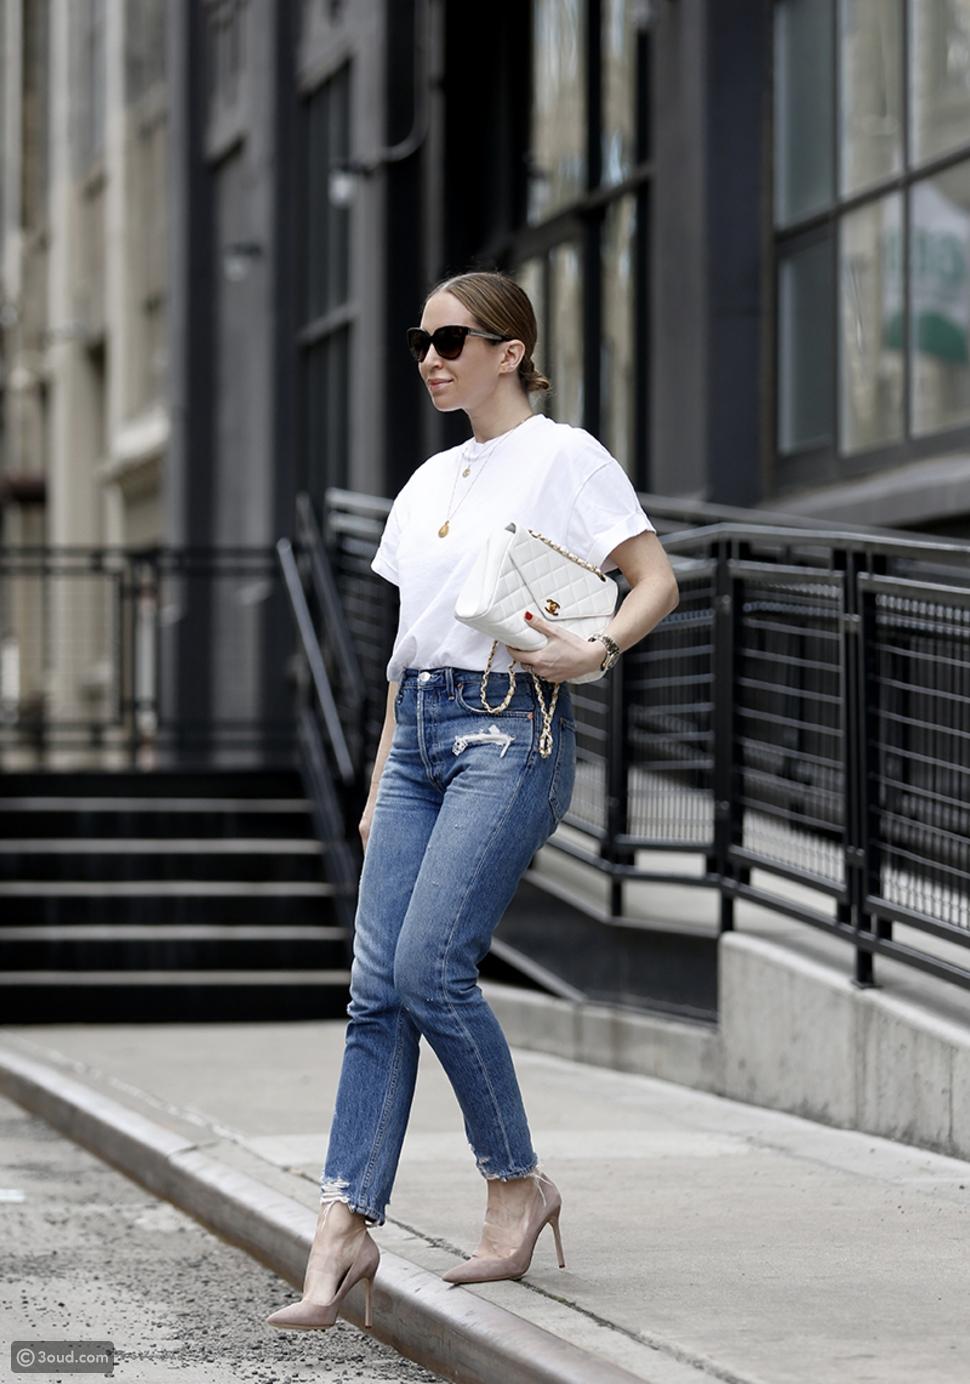 التيشرتات البيضاء،قطعة أساسية في خزانة ملابسك